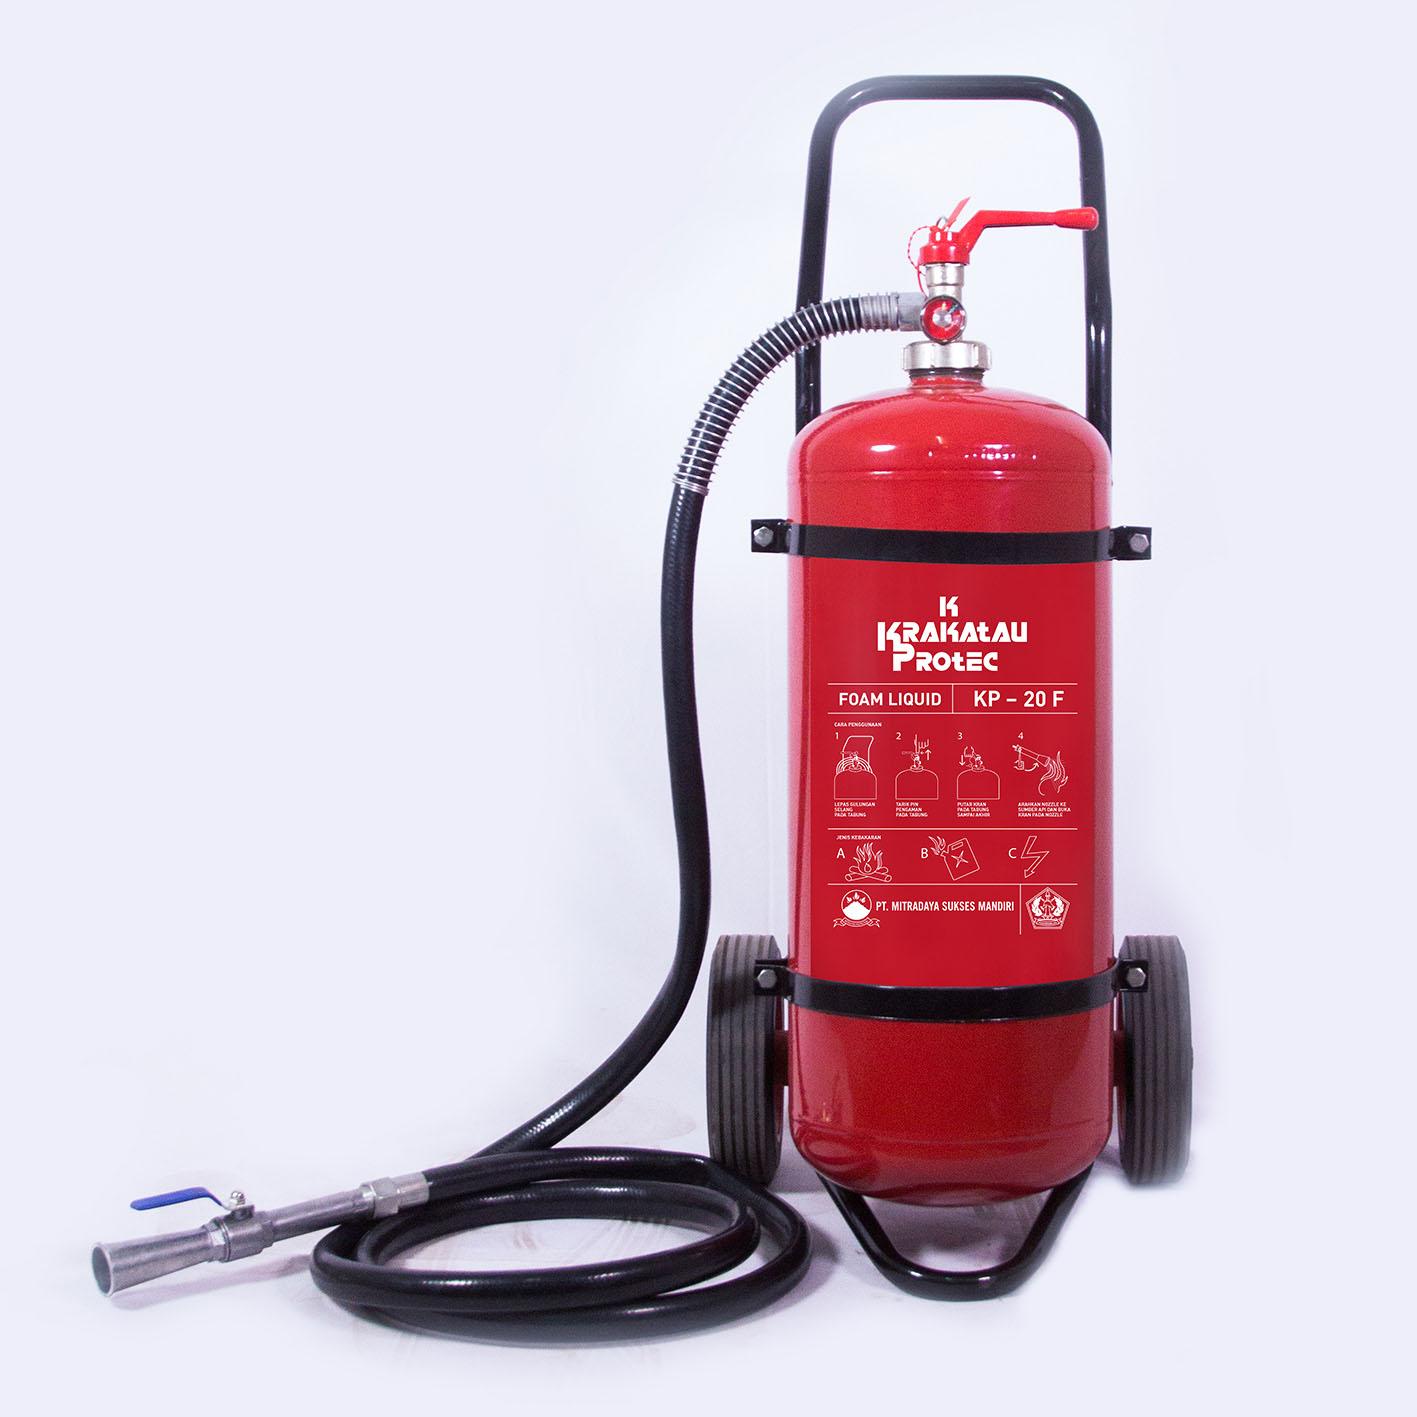 Foam Liquid 20 Kg / KP20F